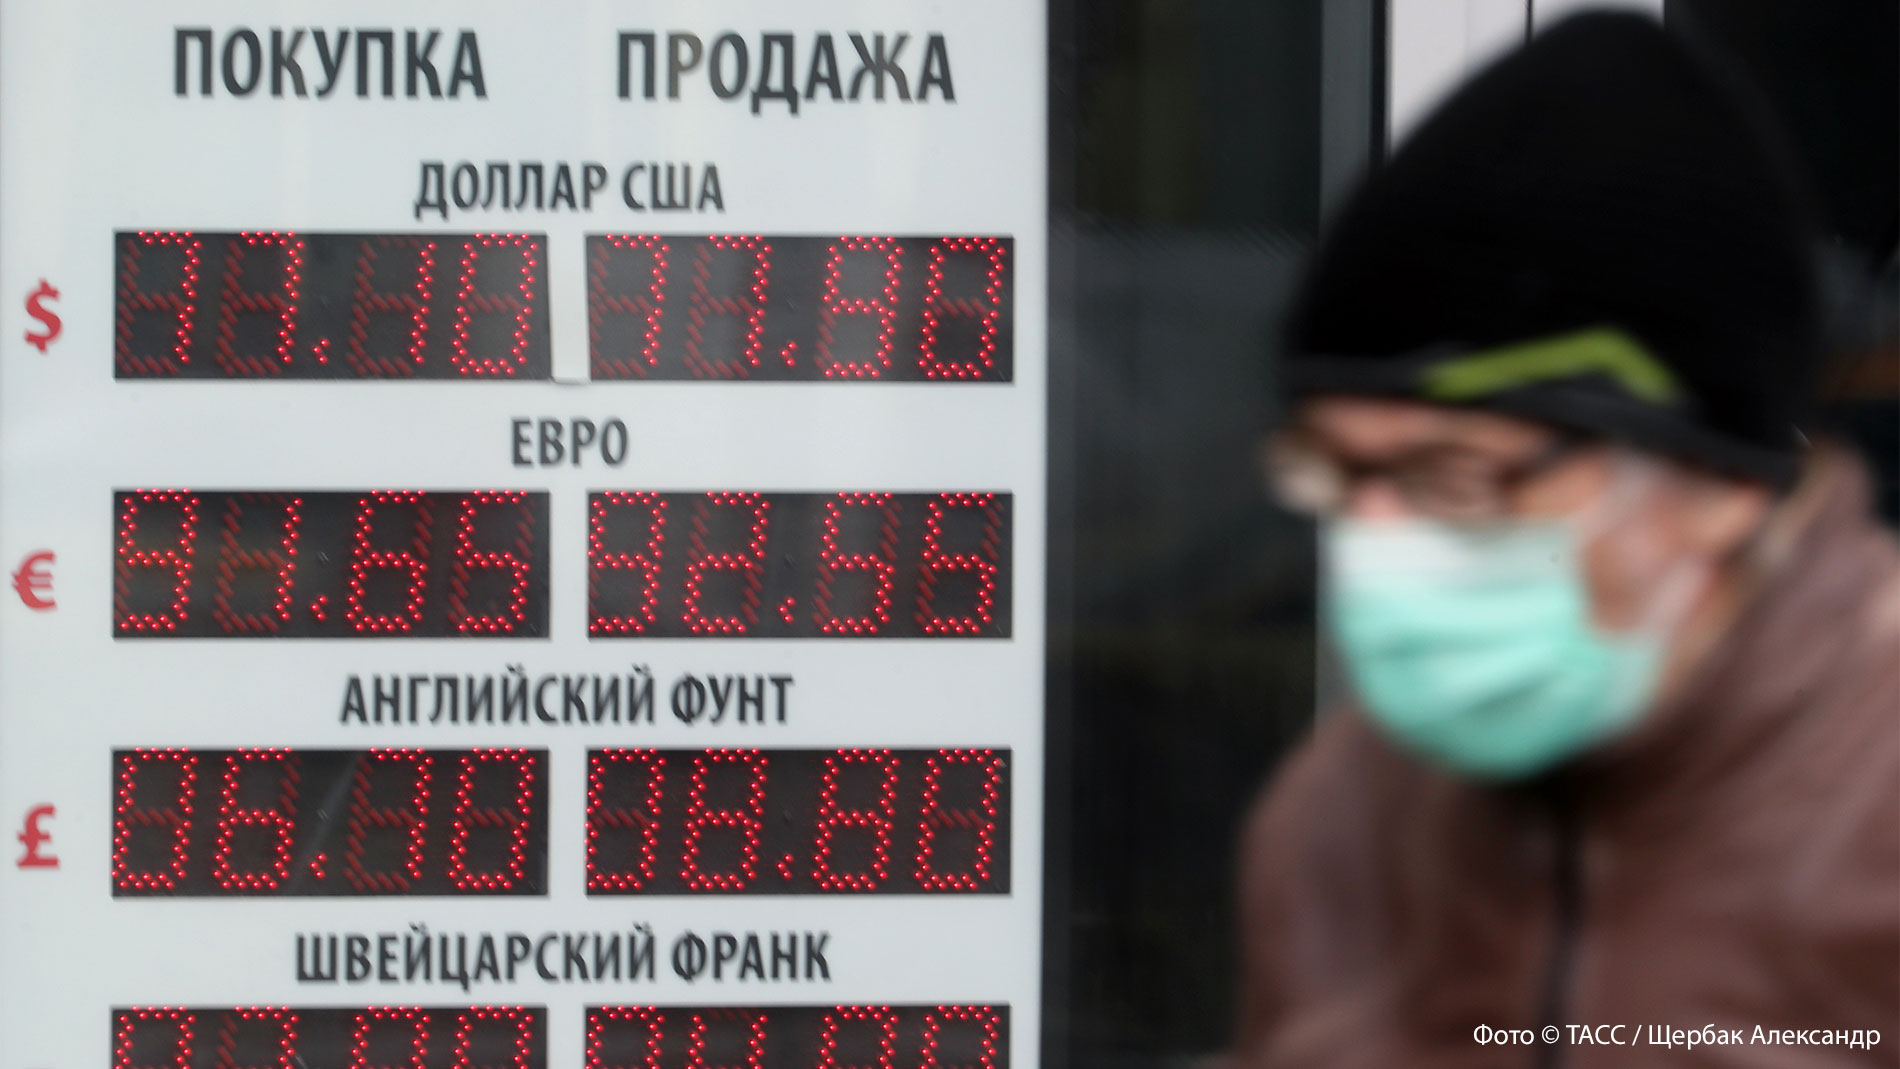 Валютный вопрос: что будет с курсом рубля, если Донбасс присоединится к России и произойдёт интеграция с Белоруссией